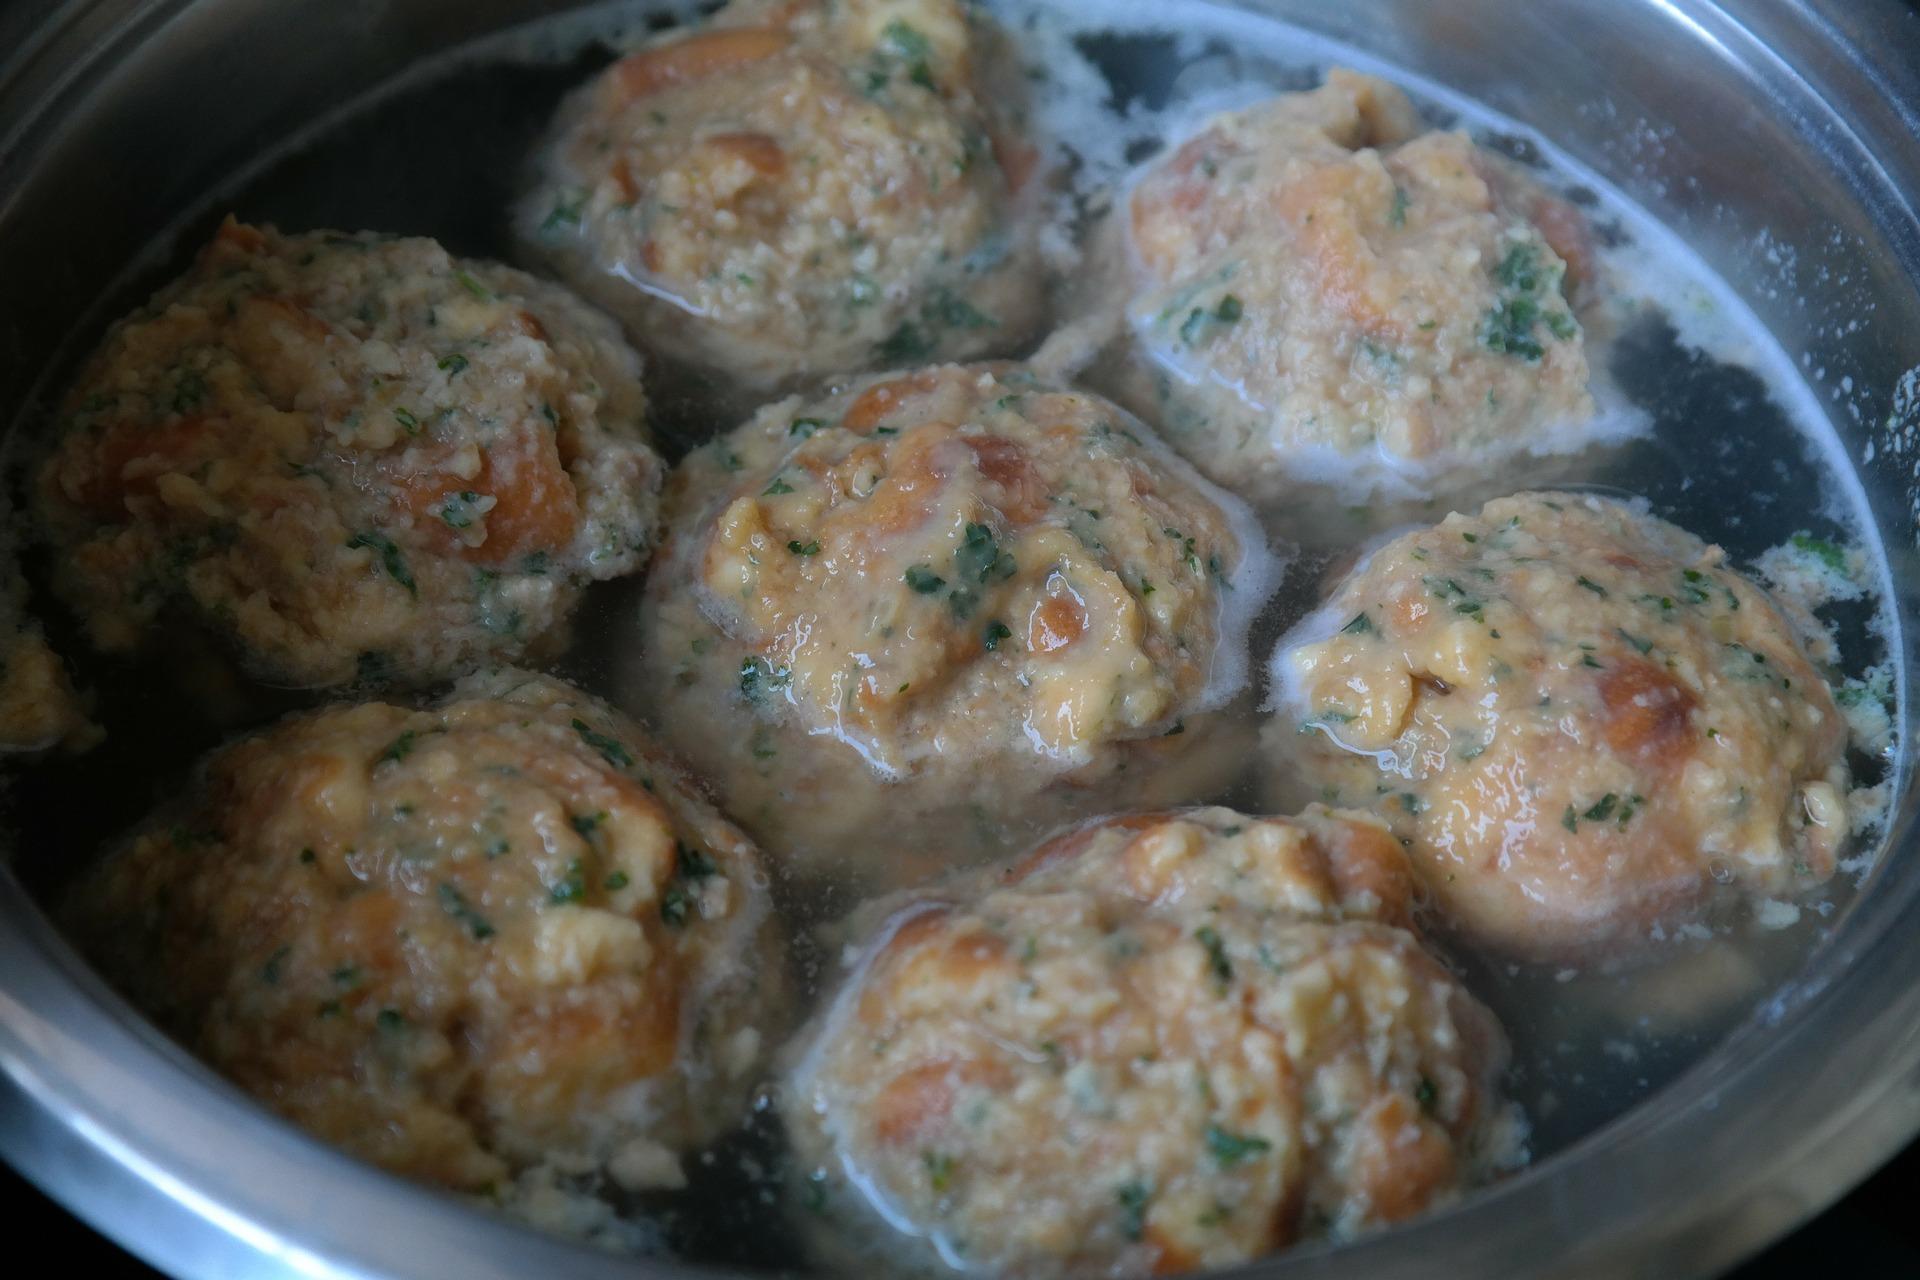 bread-dumplings-225930_1920